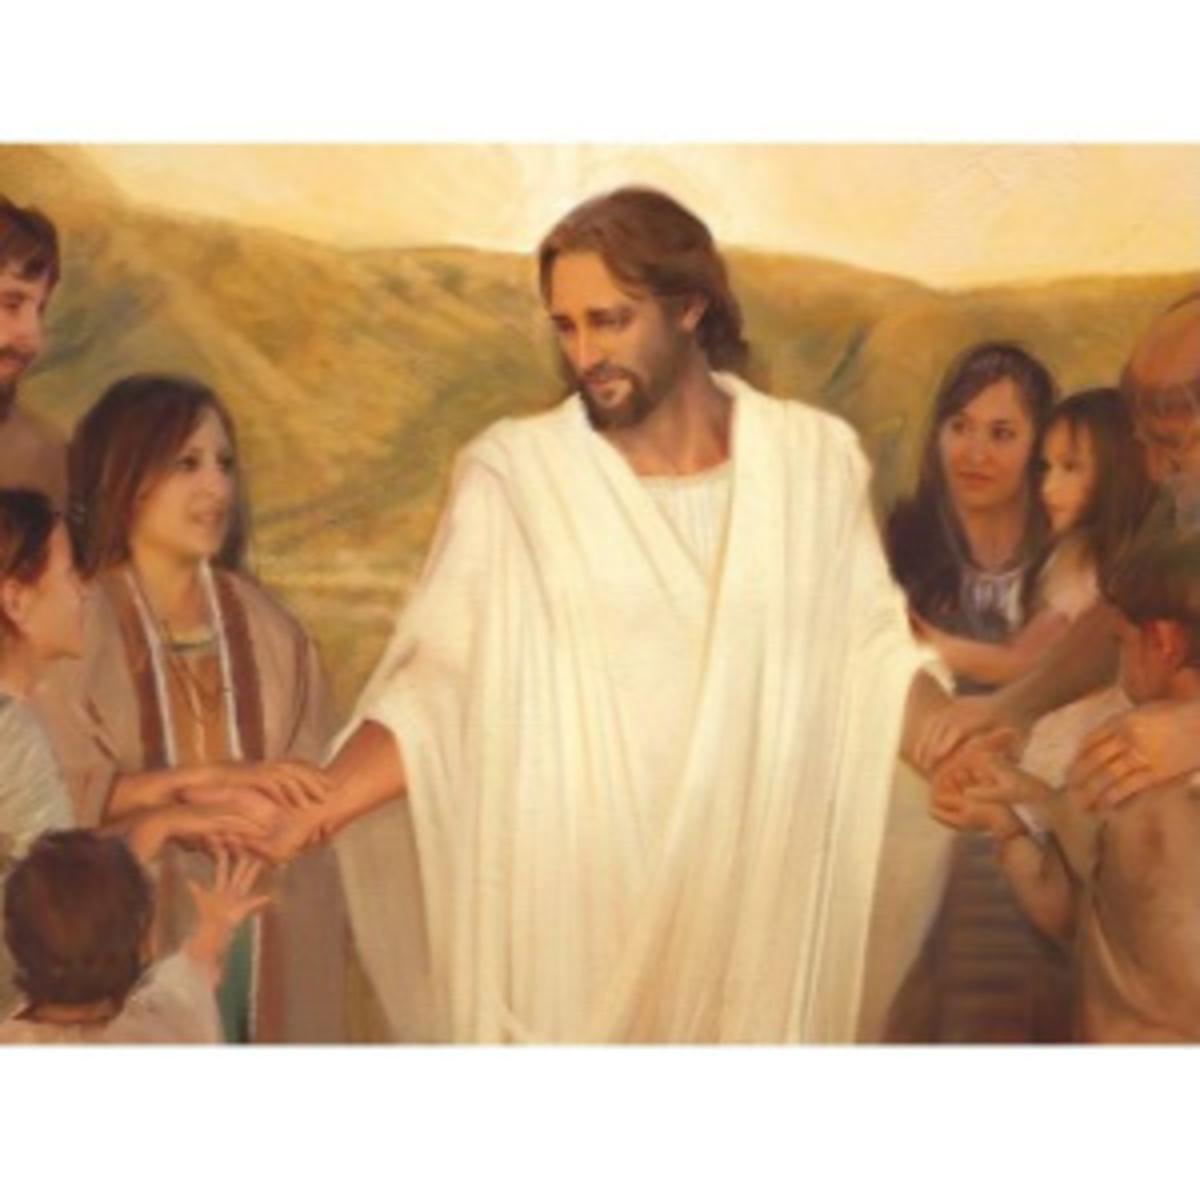 Jesus Christ in America